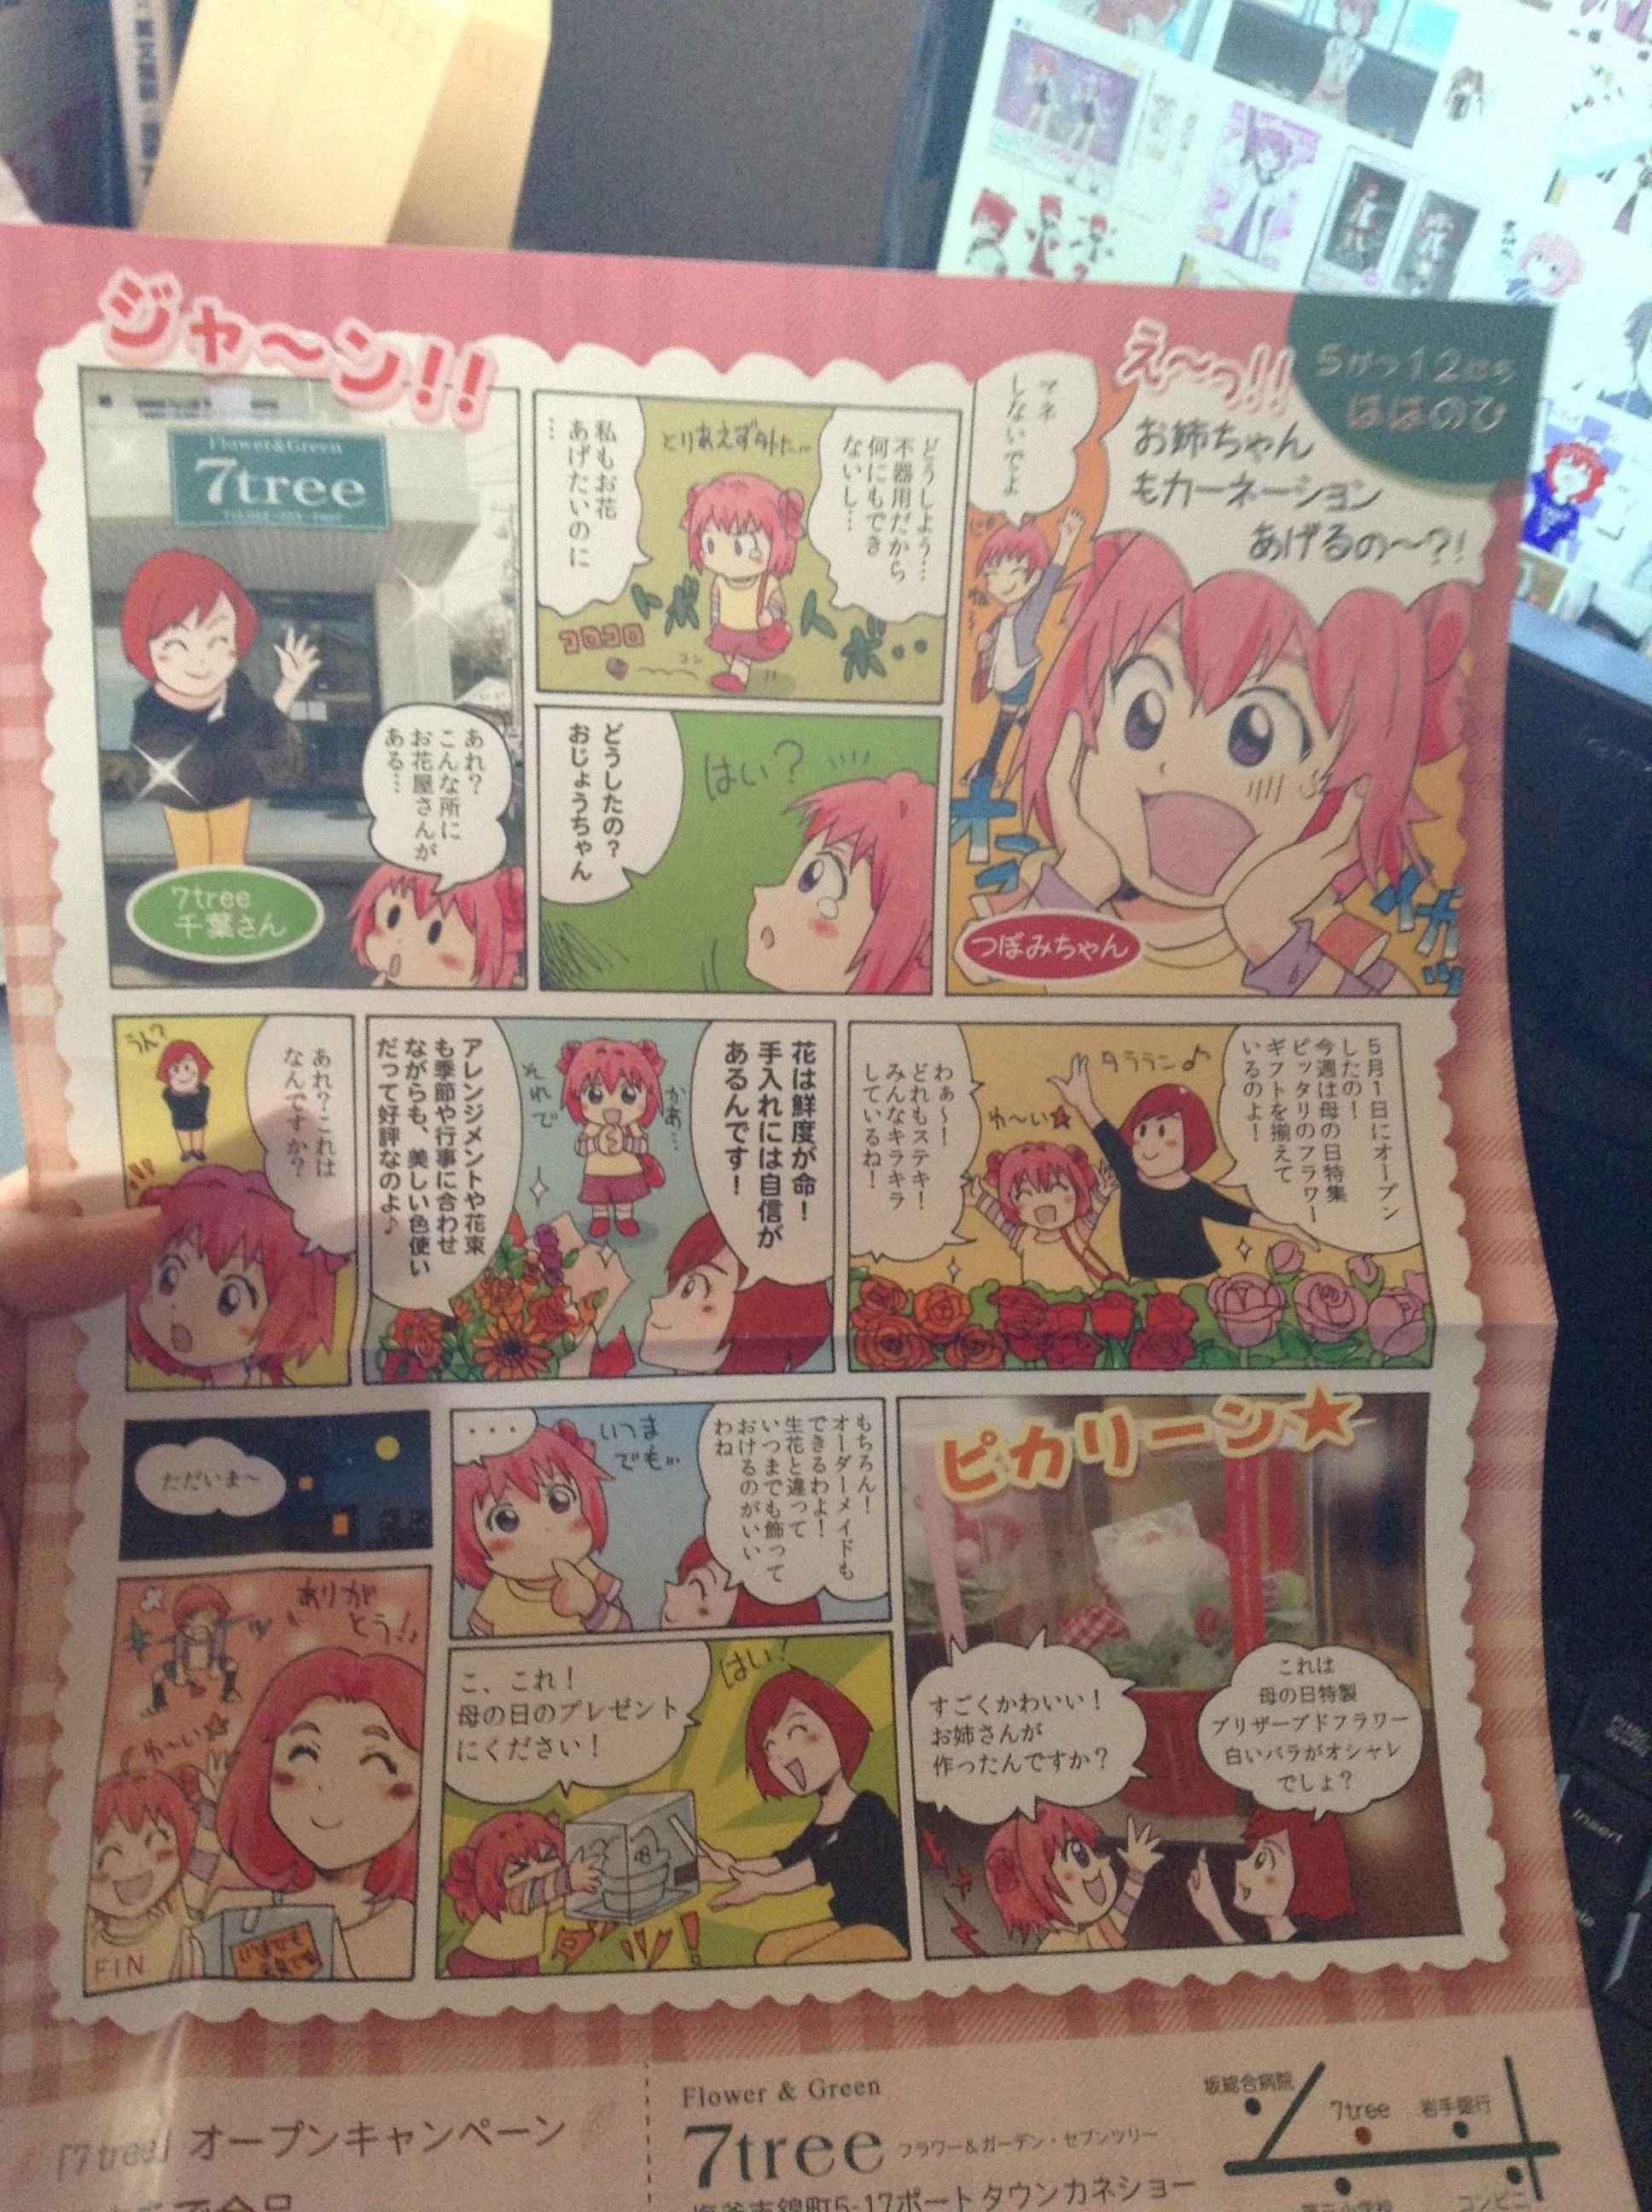 광고 전단지 만화 속 캐릭터가 '유루유리'의 아카리를..